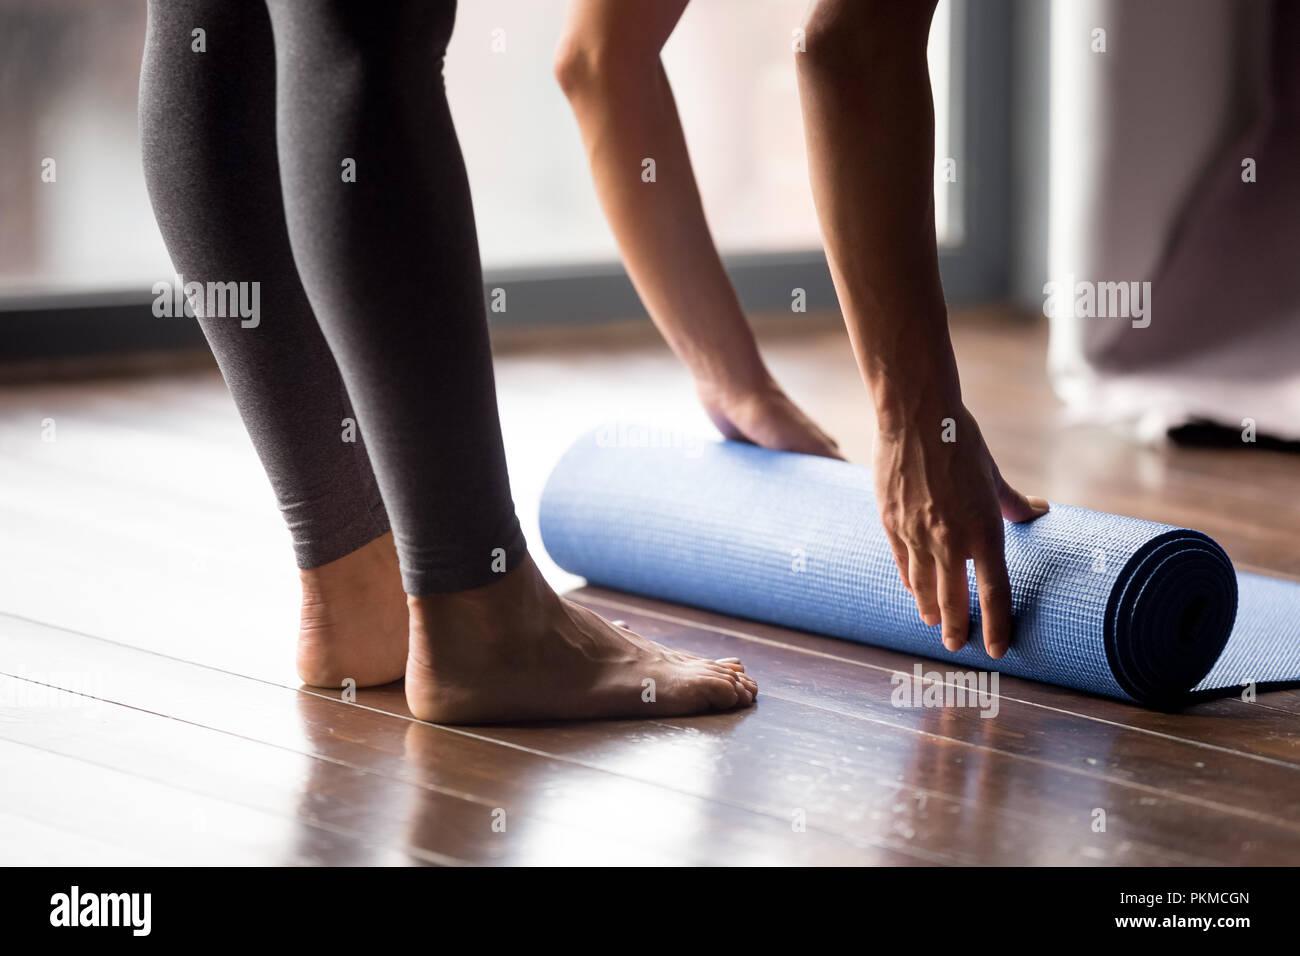 Ragazza rolling materassino yoga per la meditazione o il fitness in casa Immagini Stock